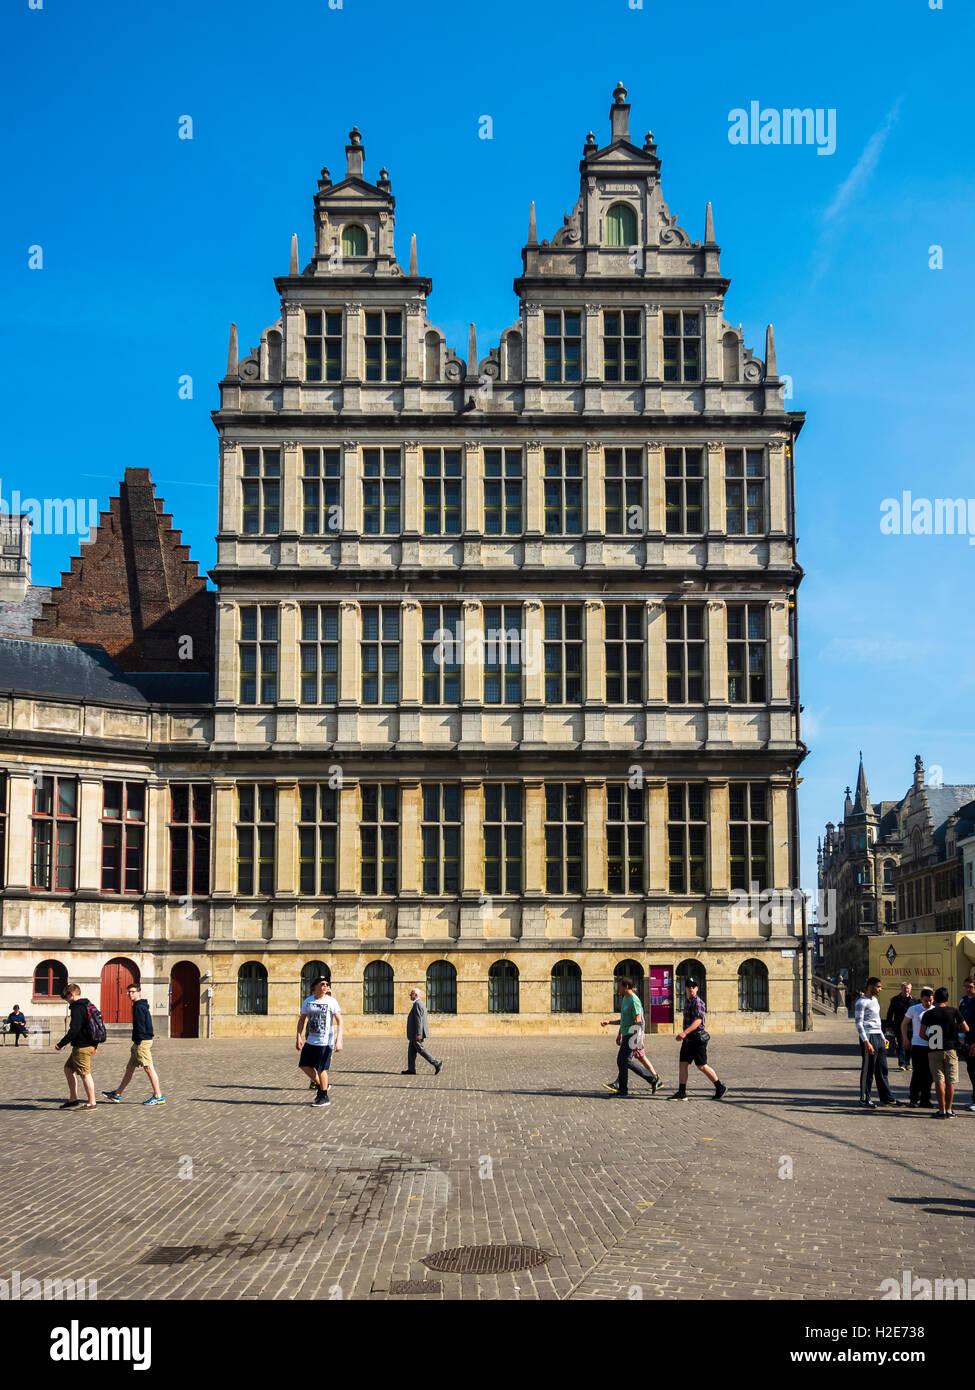 Stadthuis, Town Hall, Ghent, Flanders, Belgium - Stock Image